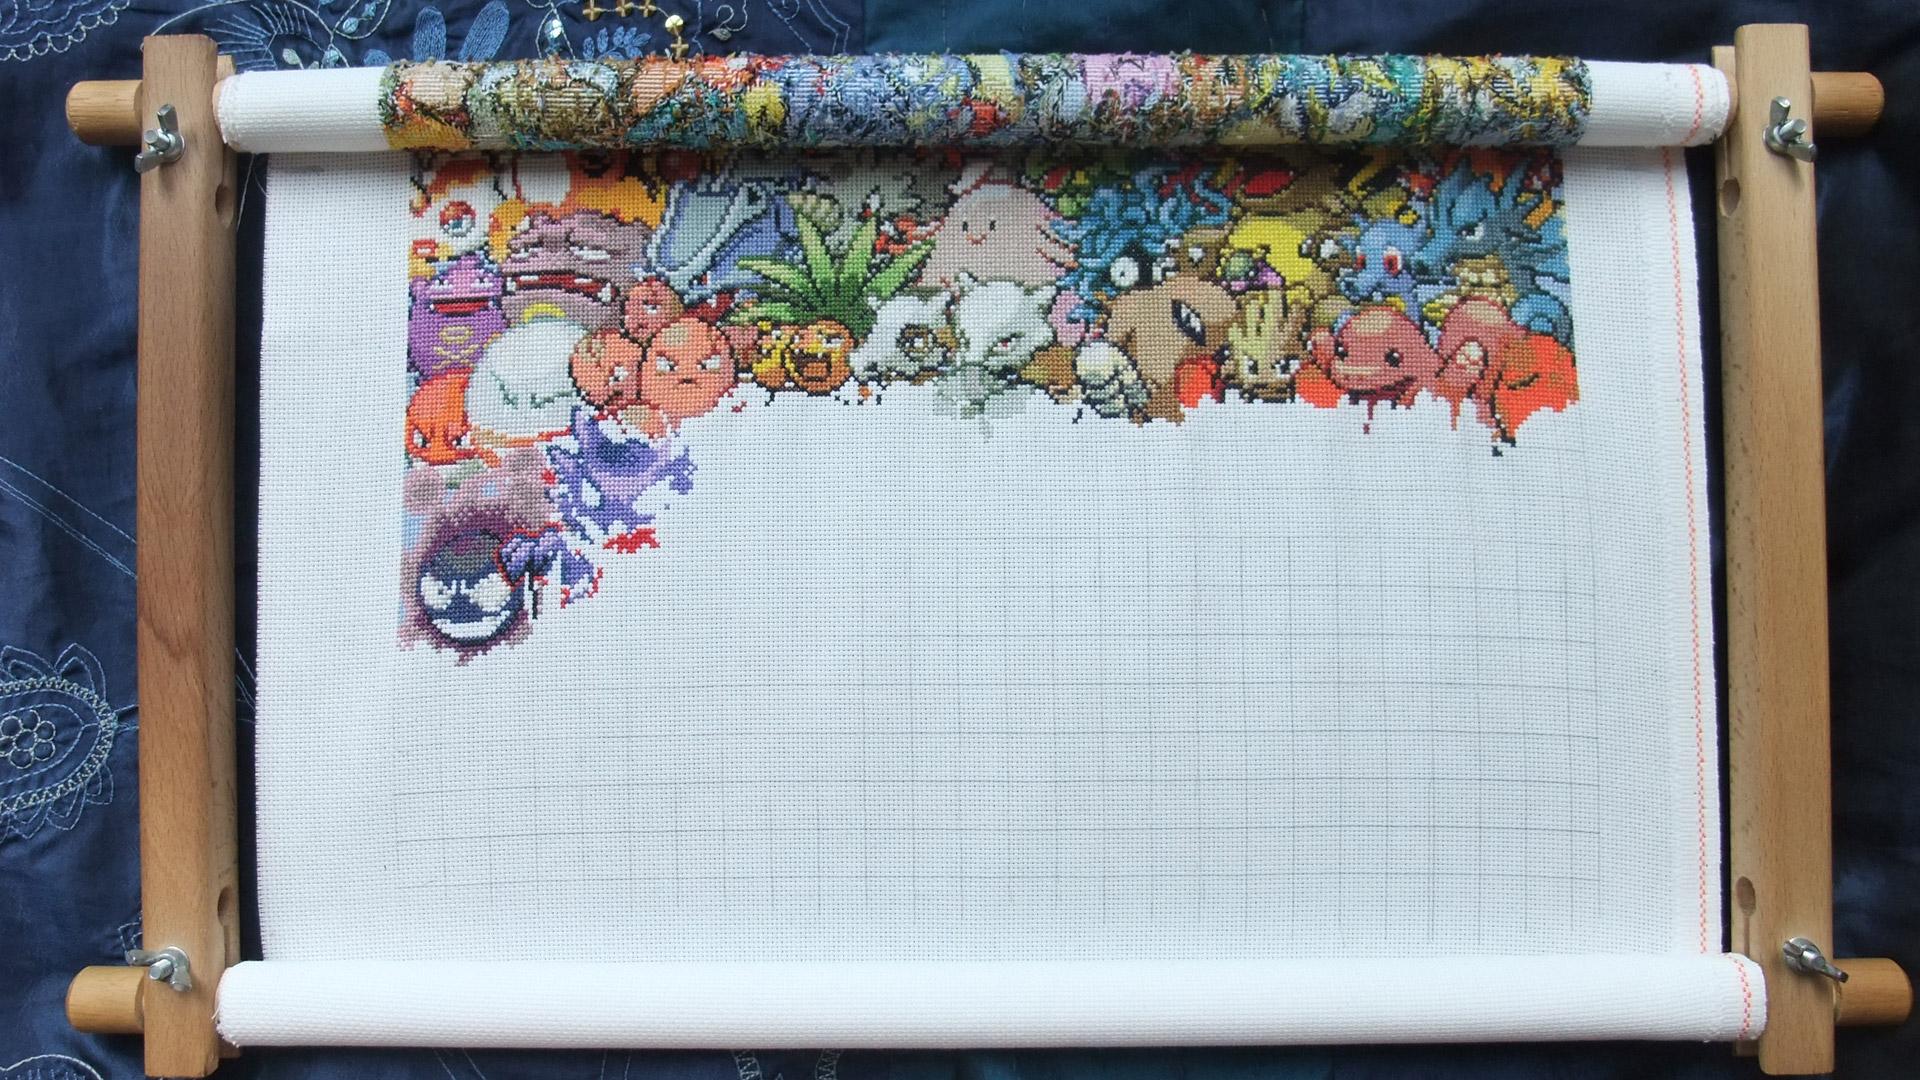 Pokemon in March